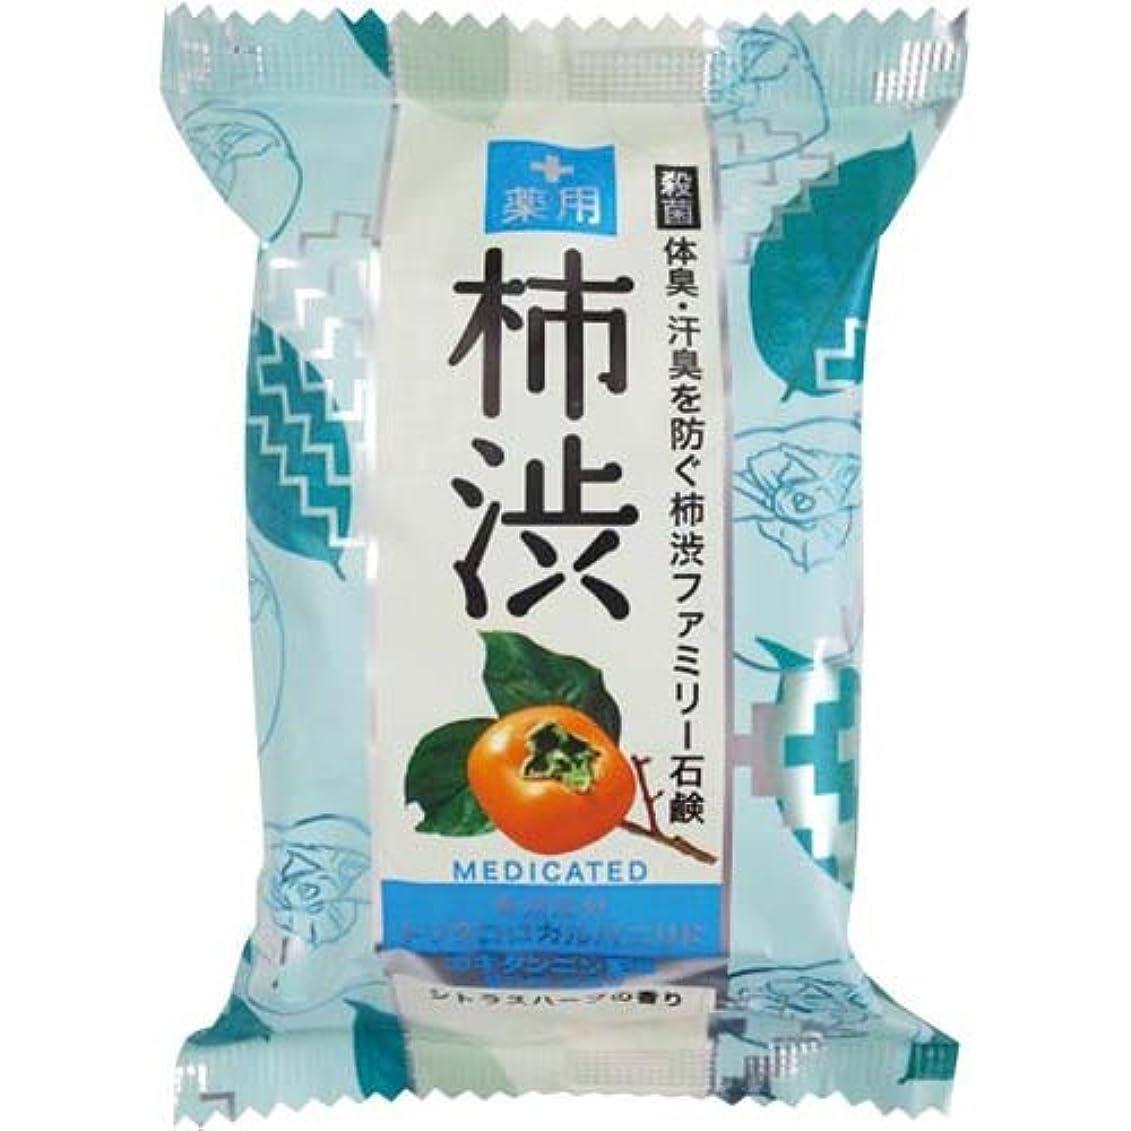 ラメなぞらえる事実上ペリカン石鹸 薬用ファミリー柿渋石鹸×6個×4箱